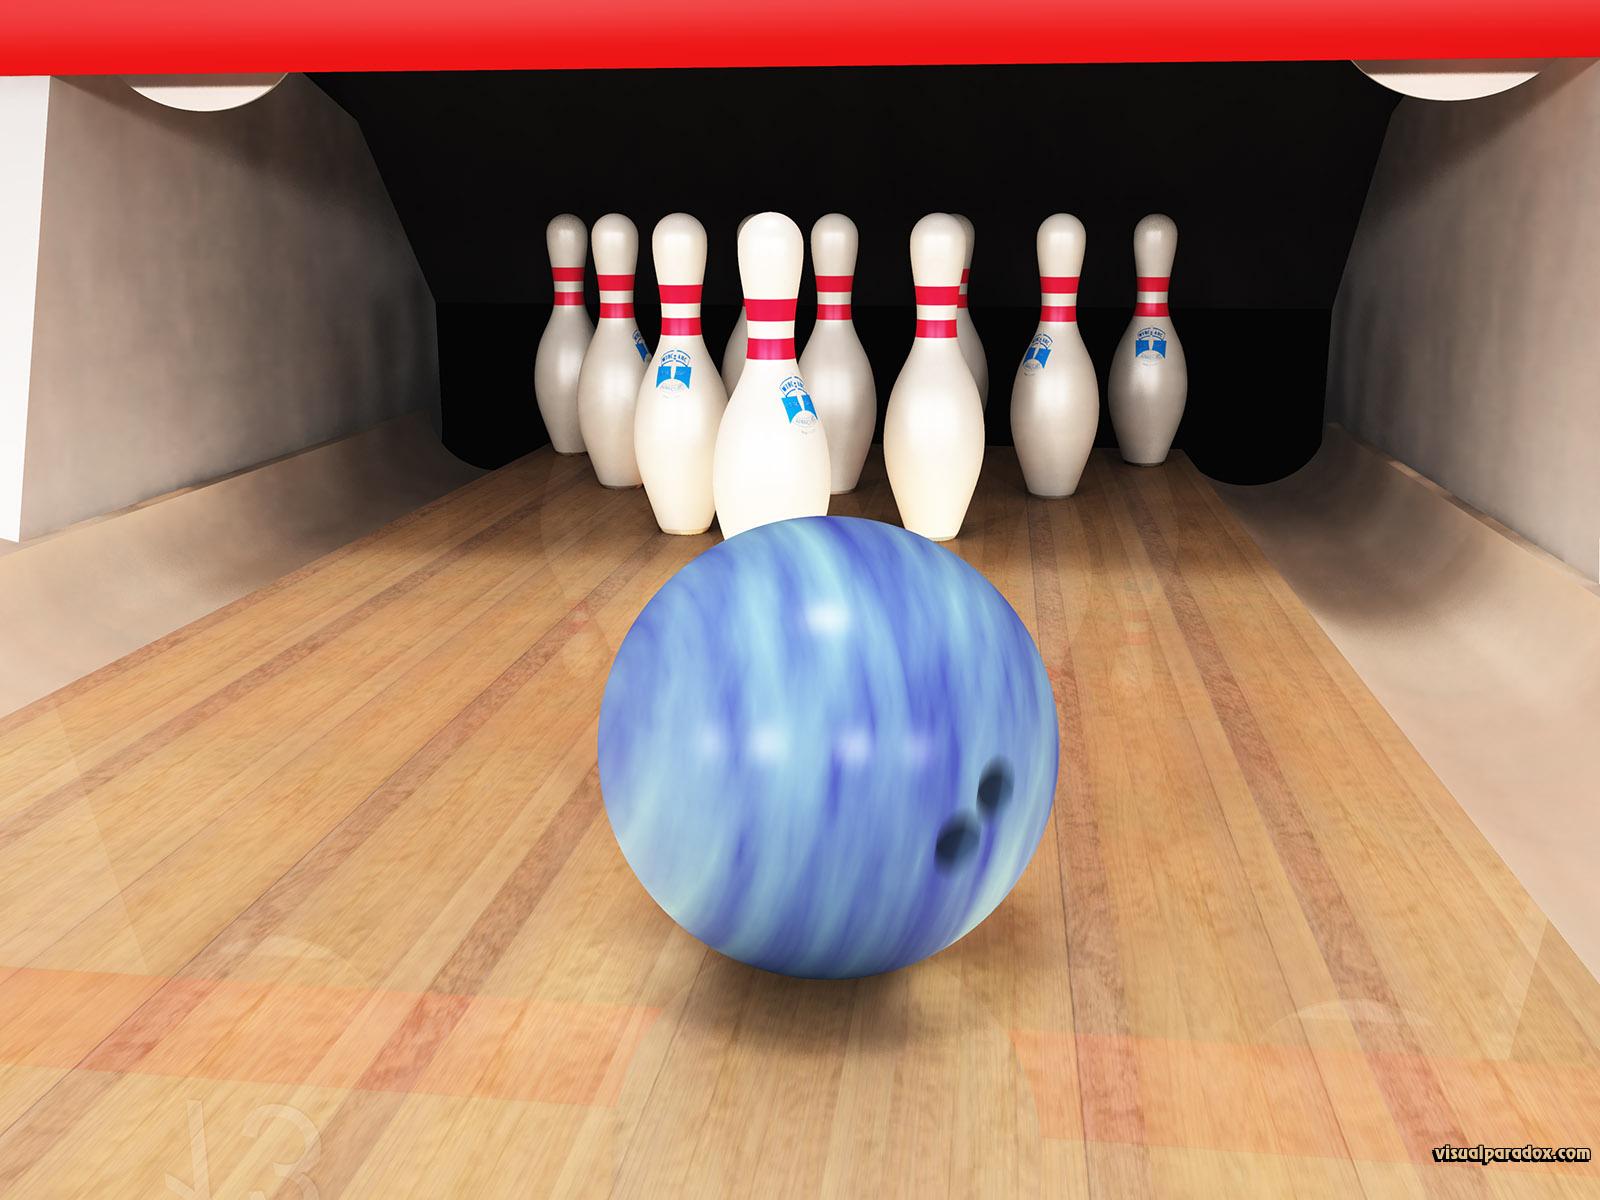 lane alley game sport strike spare bowl ten pin, 3d, wallpaper. Bowling